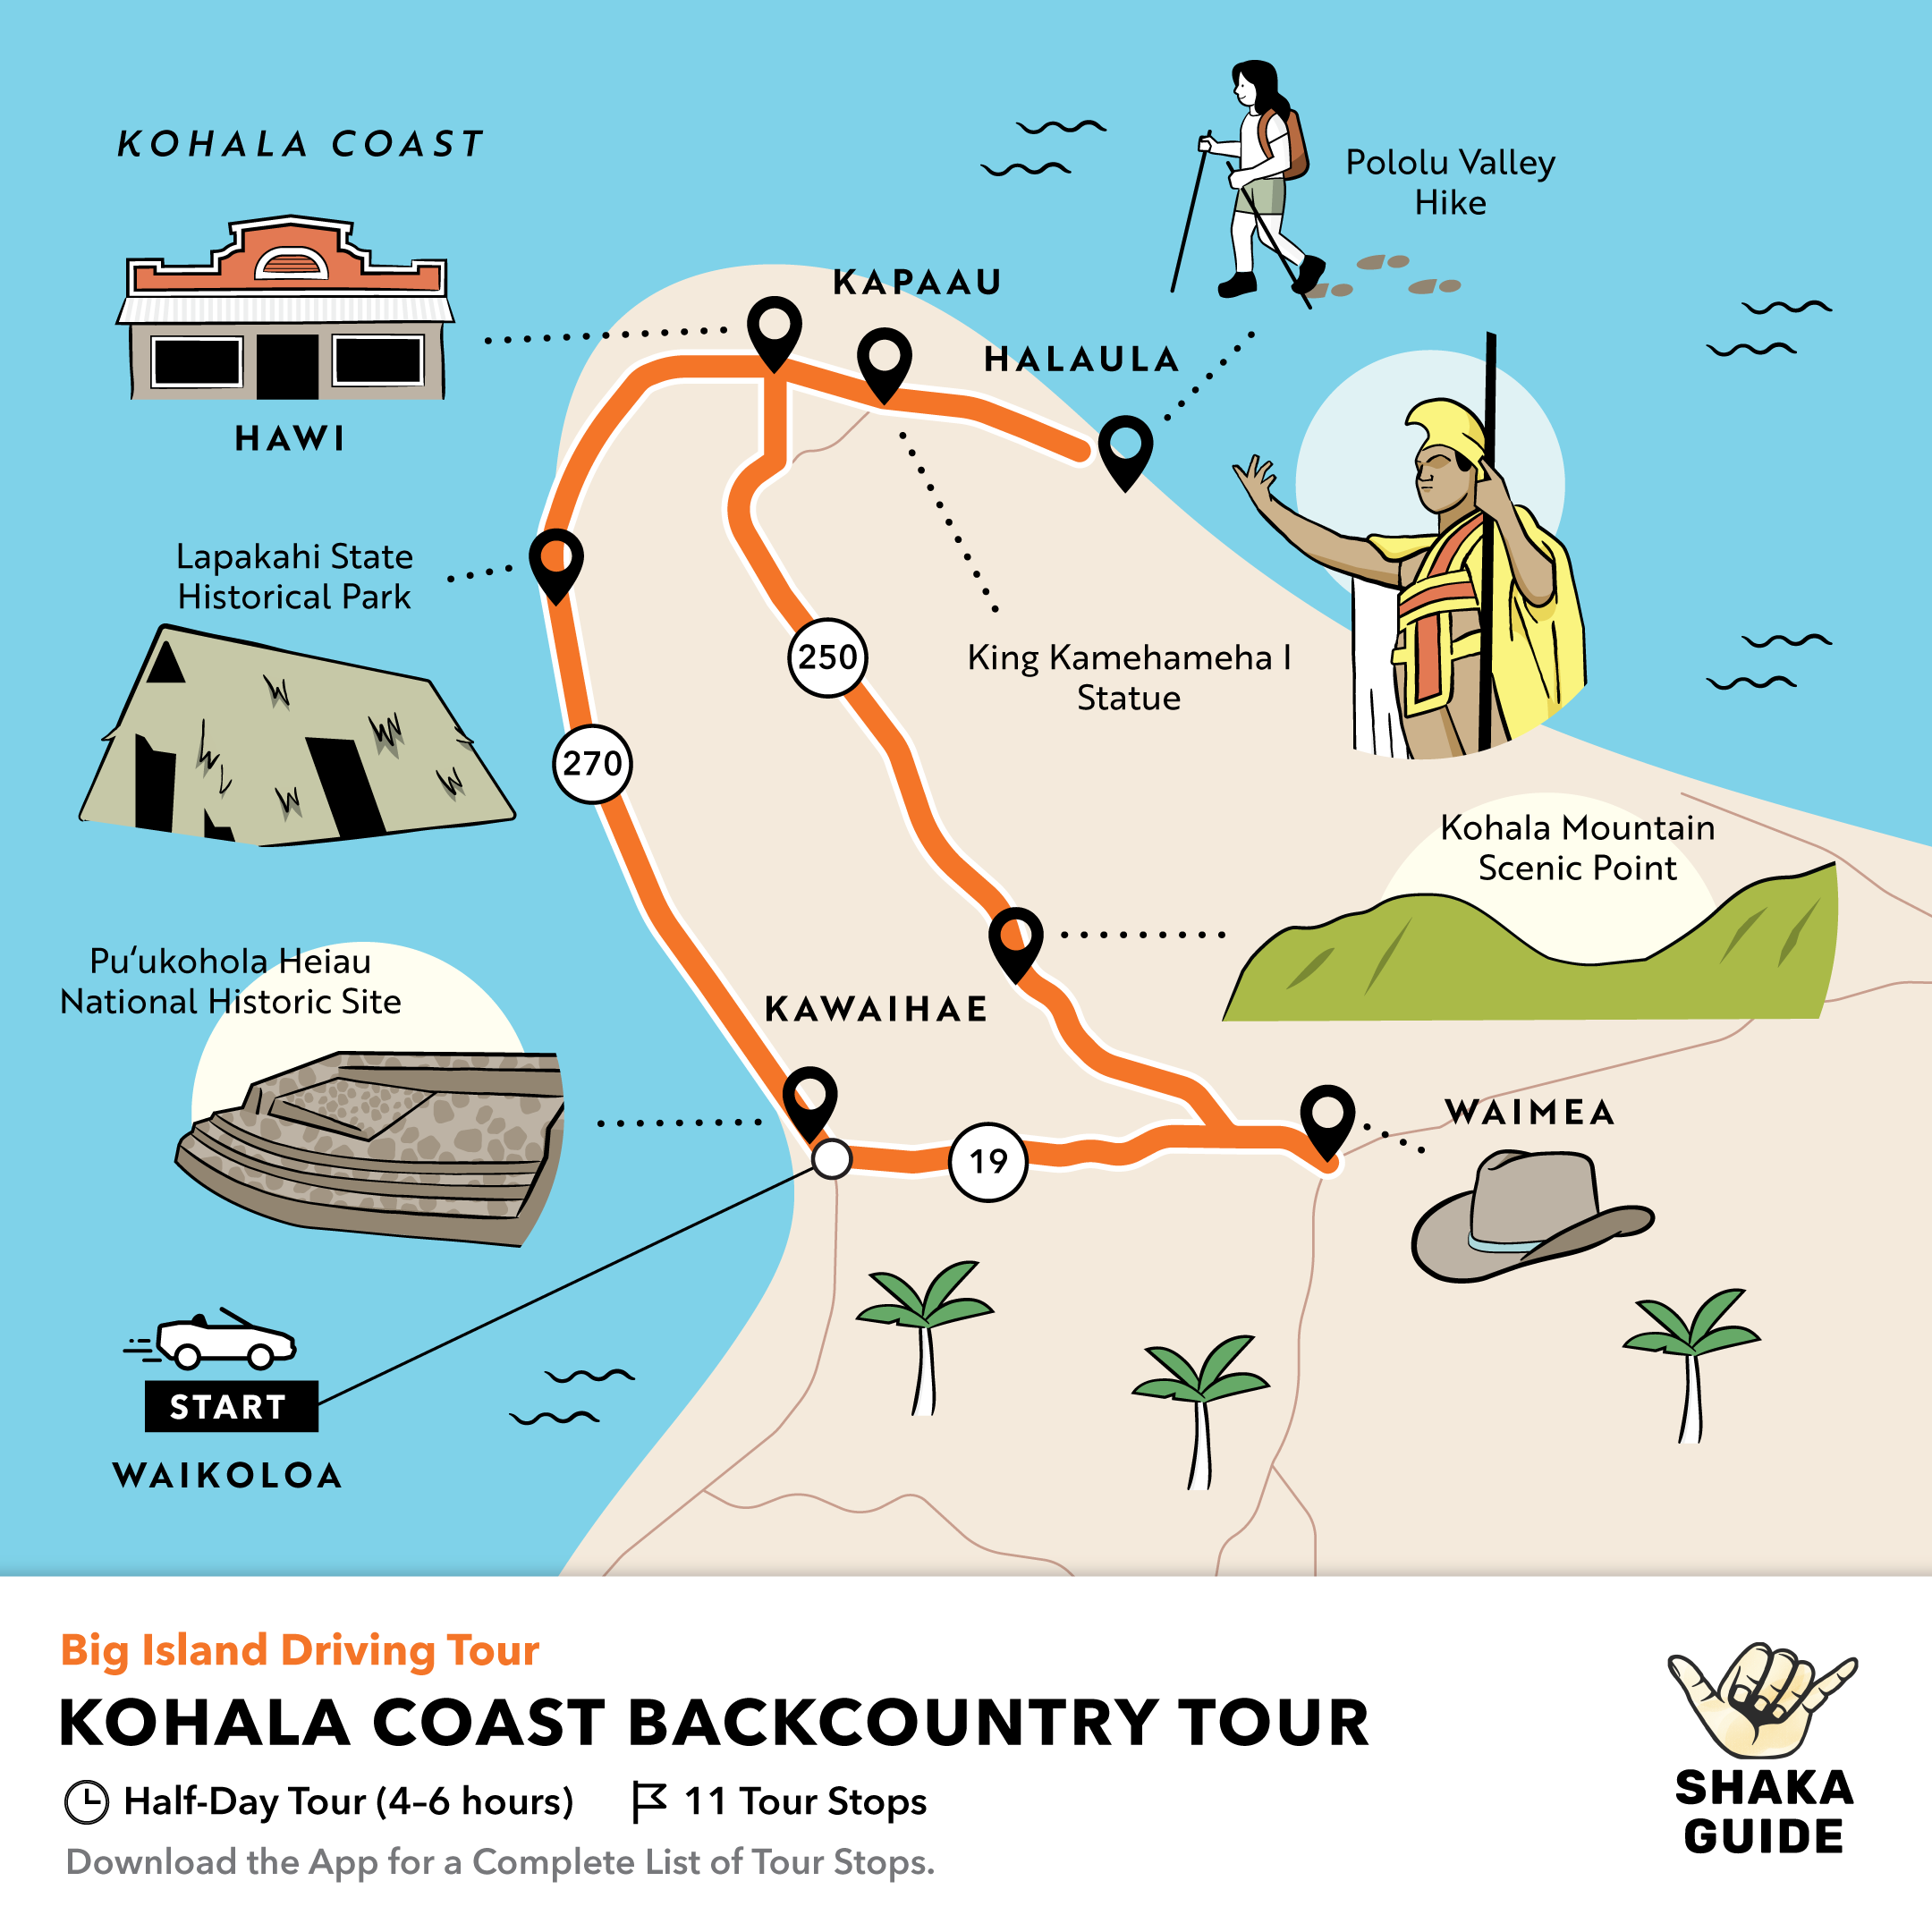 Shaka Guide's Kohala Coast Backcountry Tour